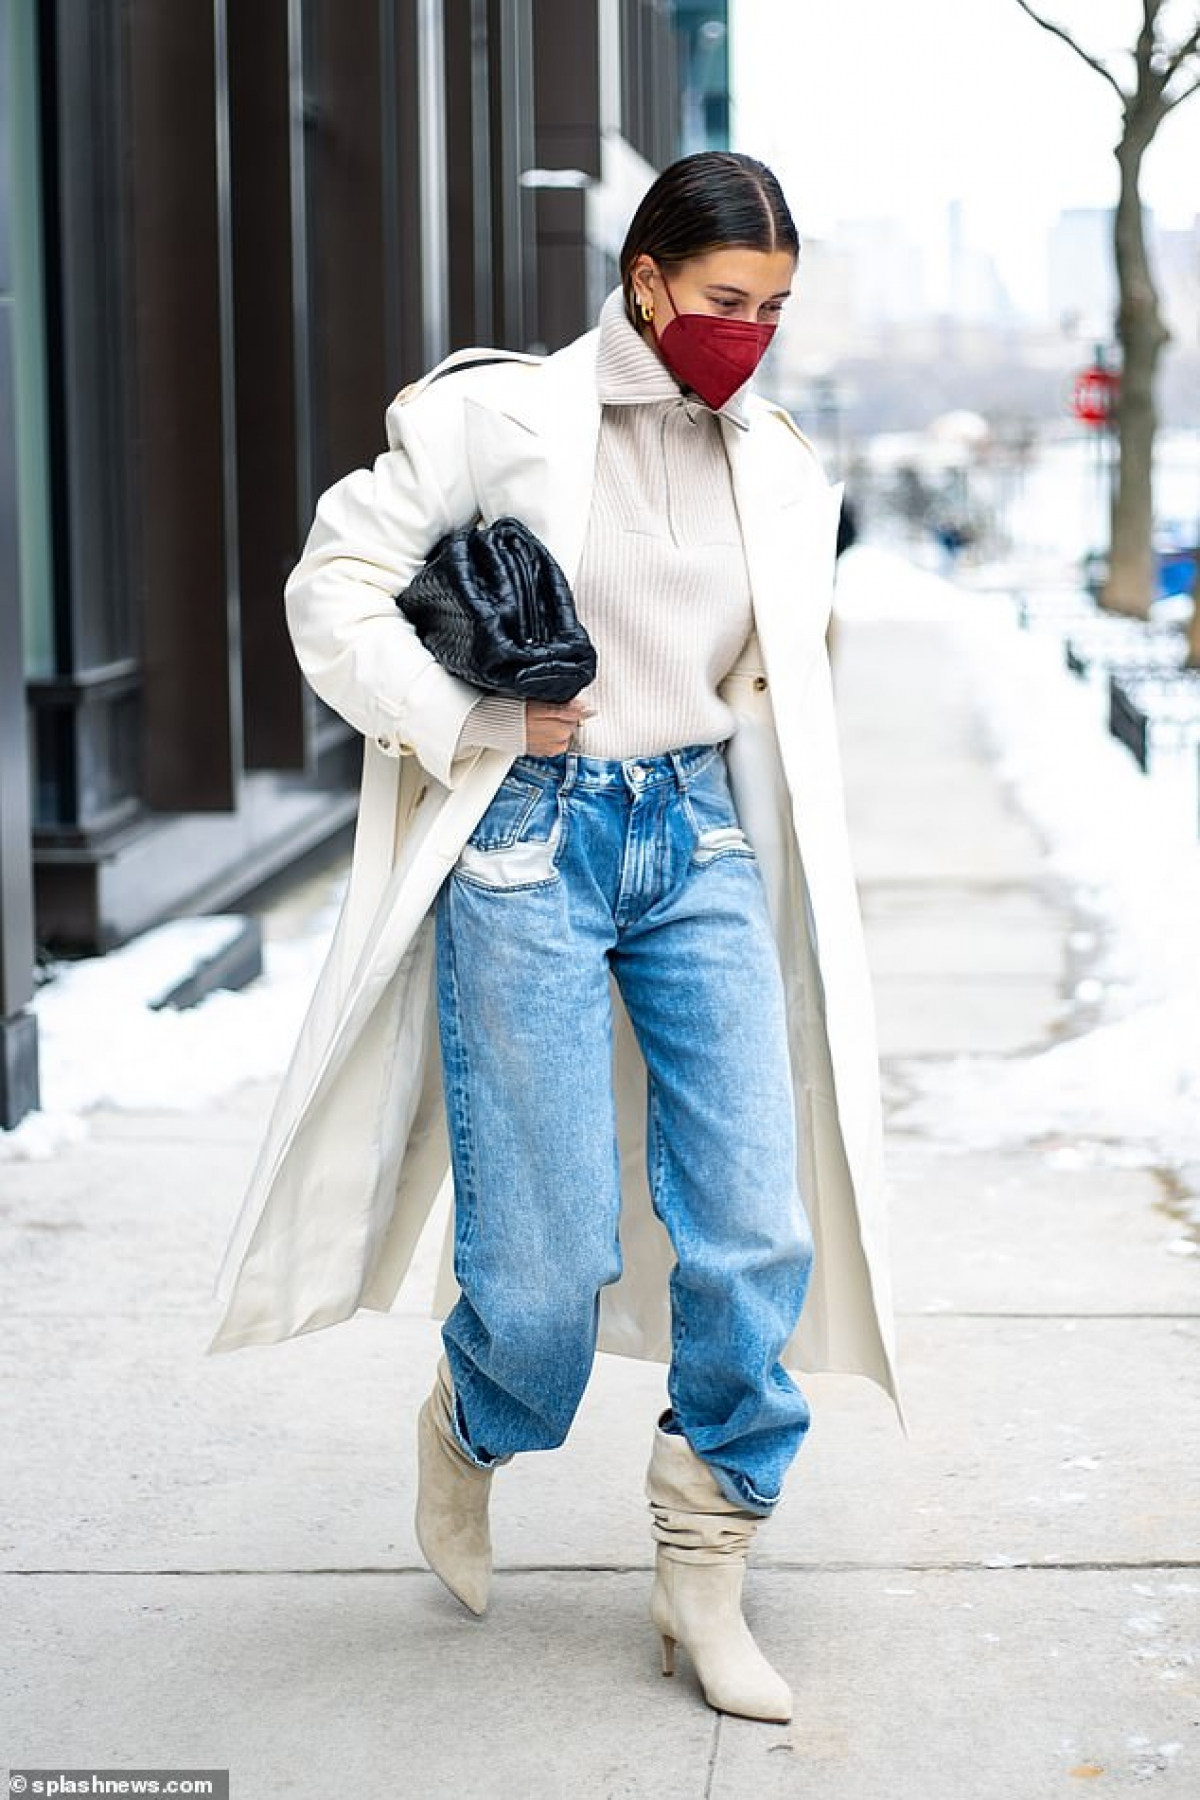 Cựu người mẫu Mỹ diện áo khoác dáng dài và quần jeans khỏe khoắn, sành điệu.